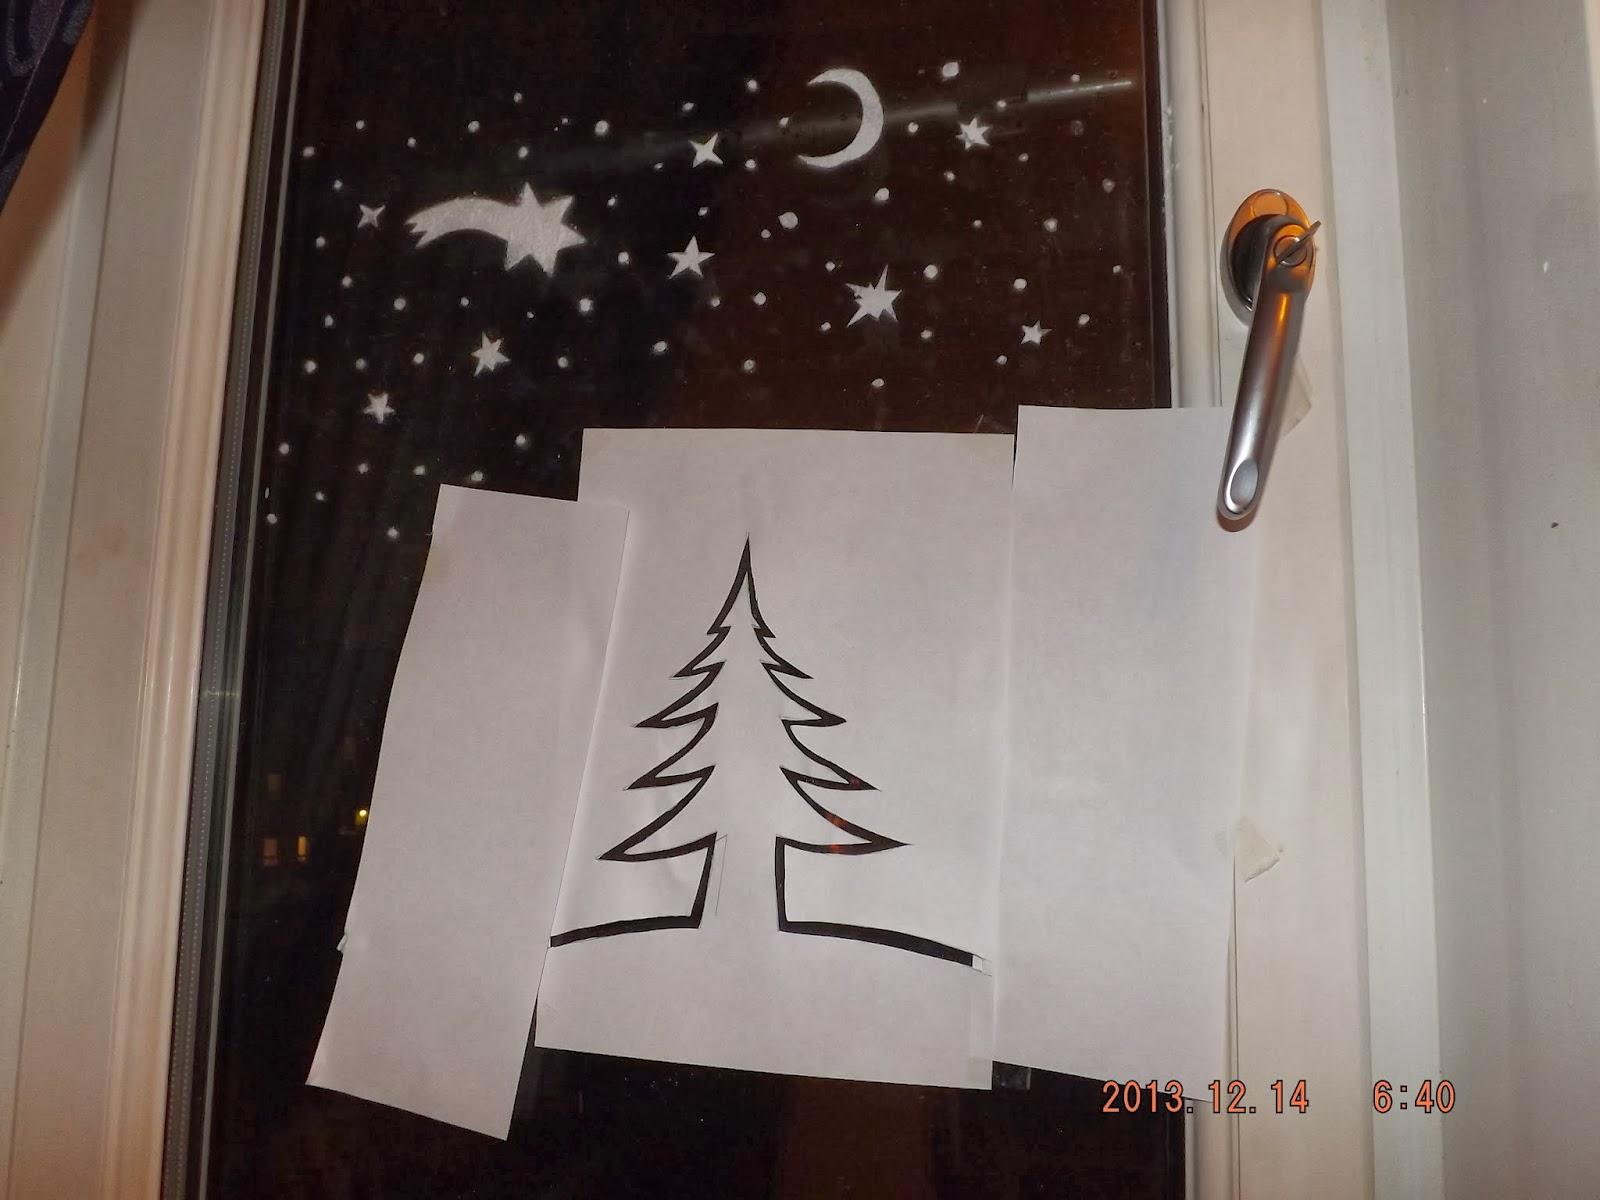 A karácsonyi ablakdísz sablonja az ablakon van